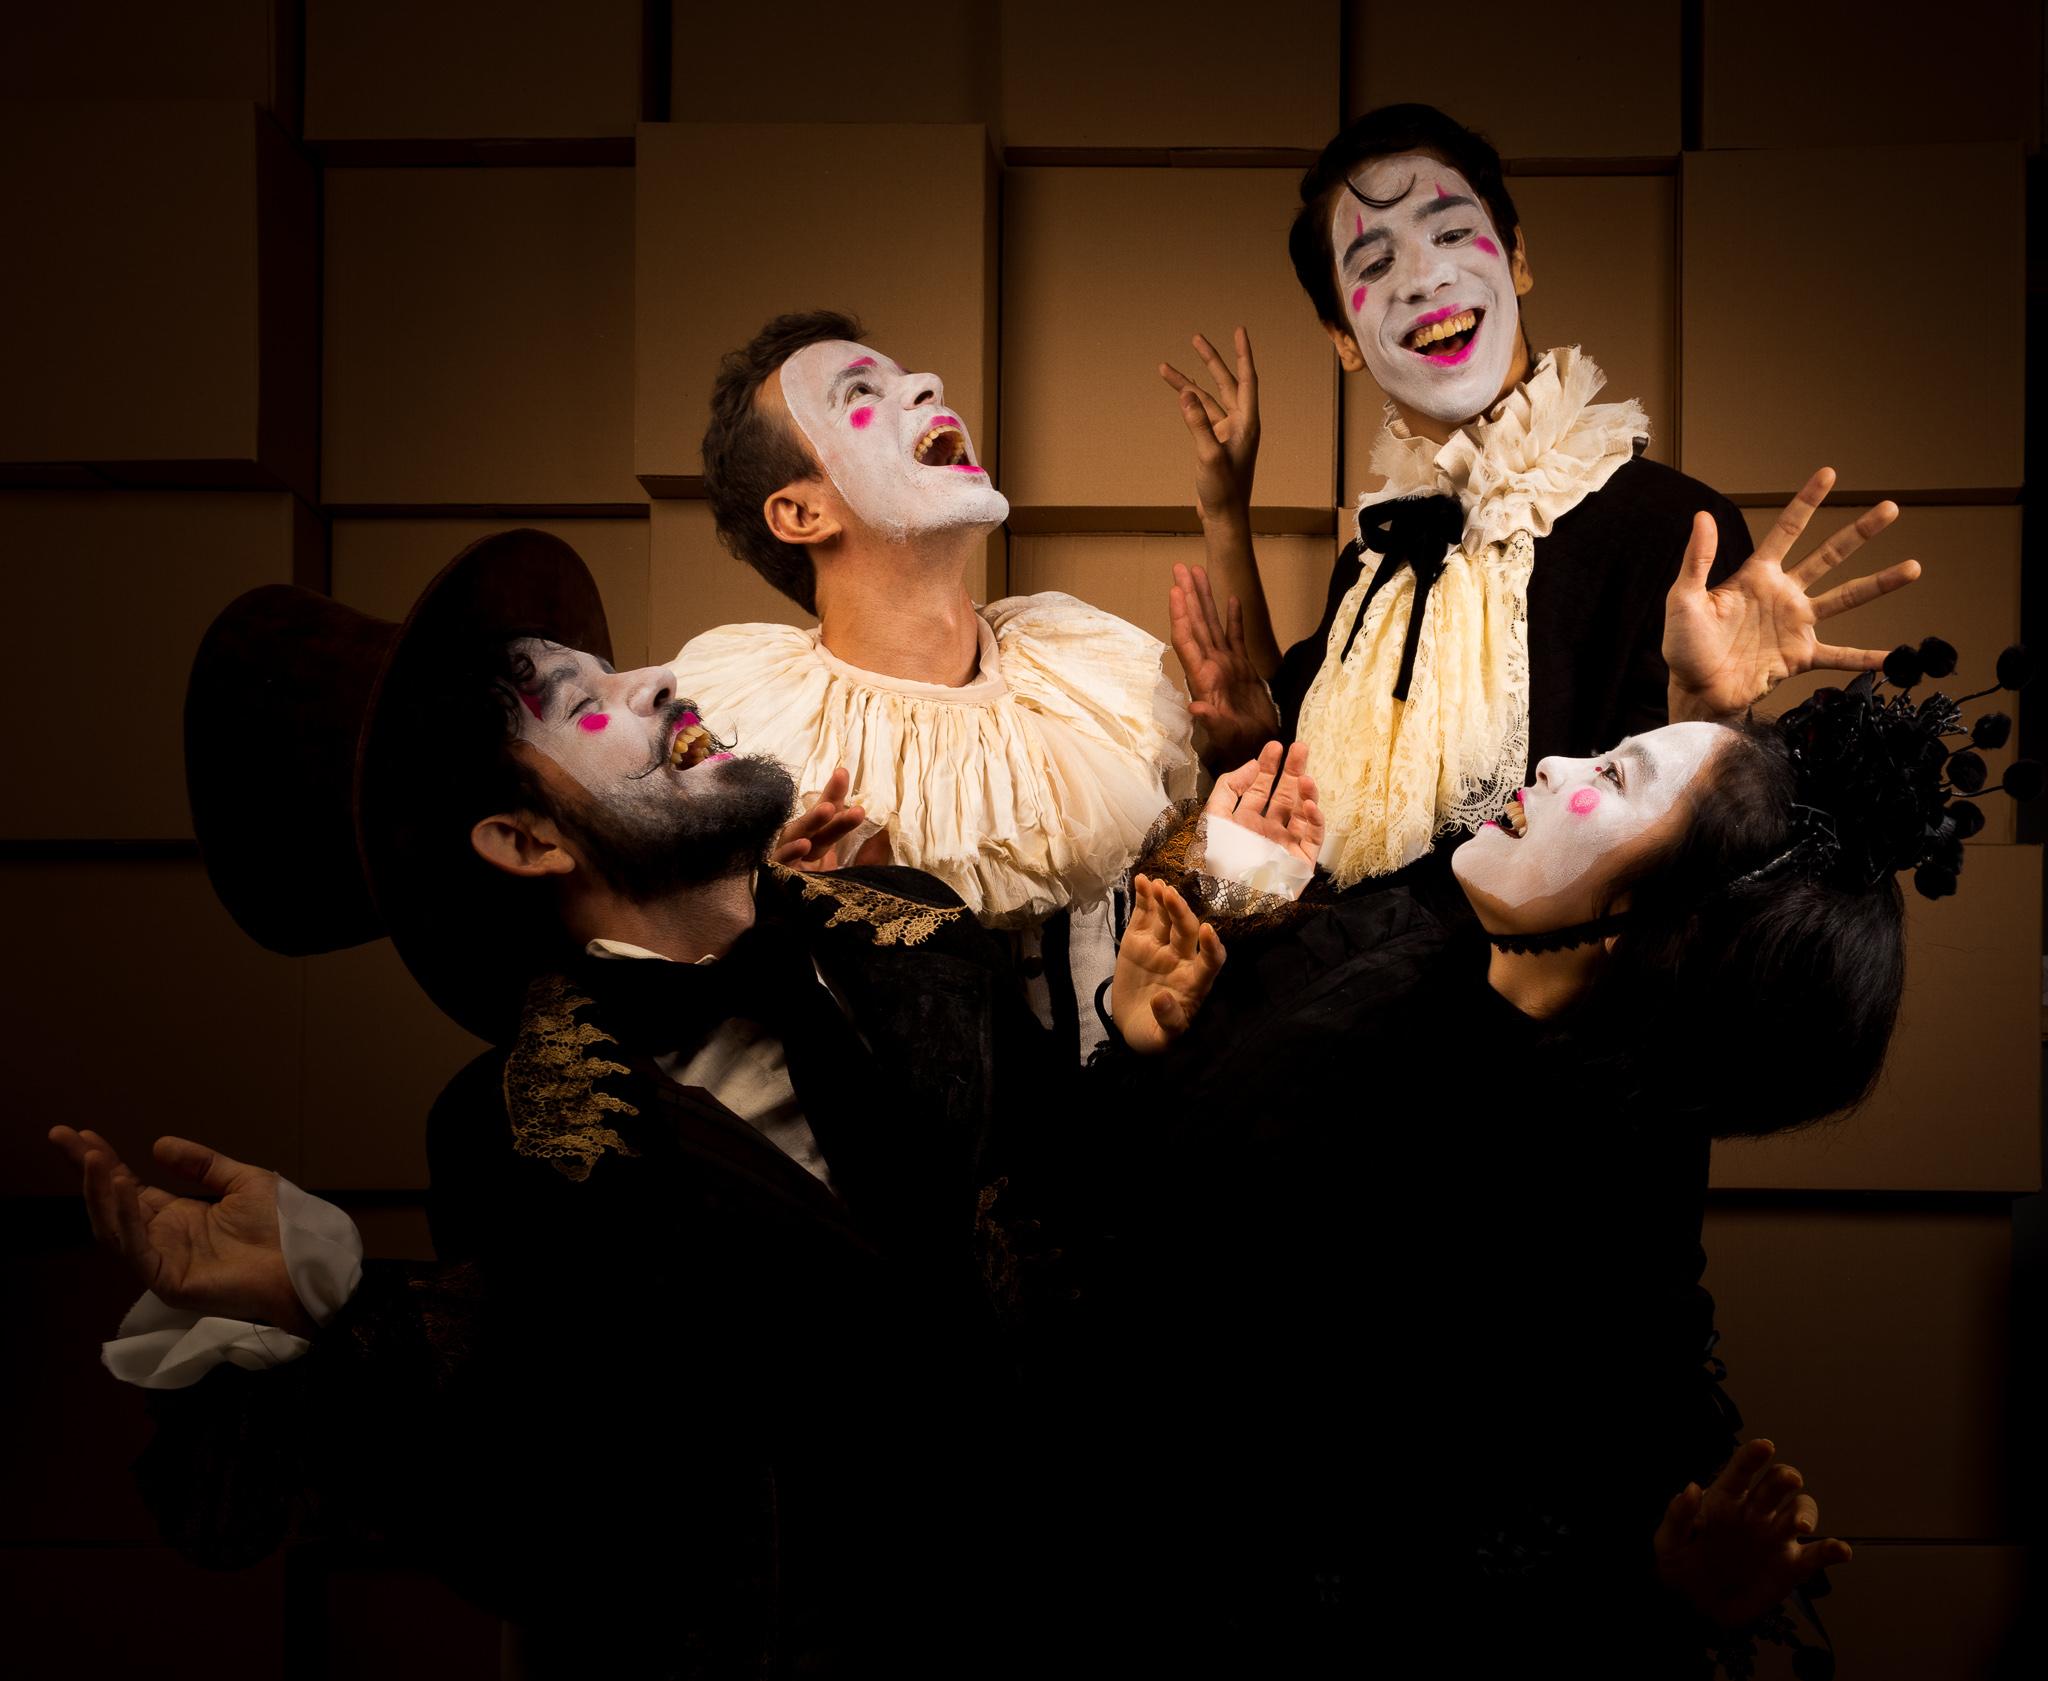 Foto mostra grupo de atores rindo com as caras pintadas de branco e roupas antigas